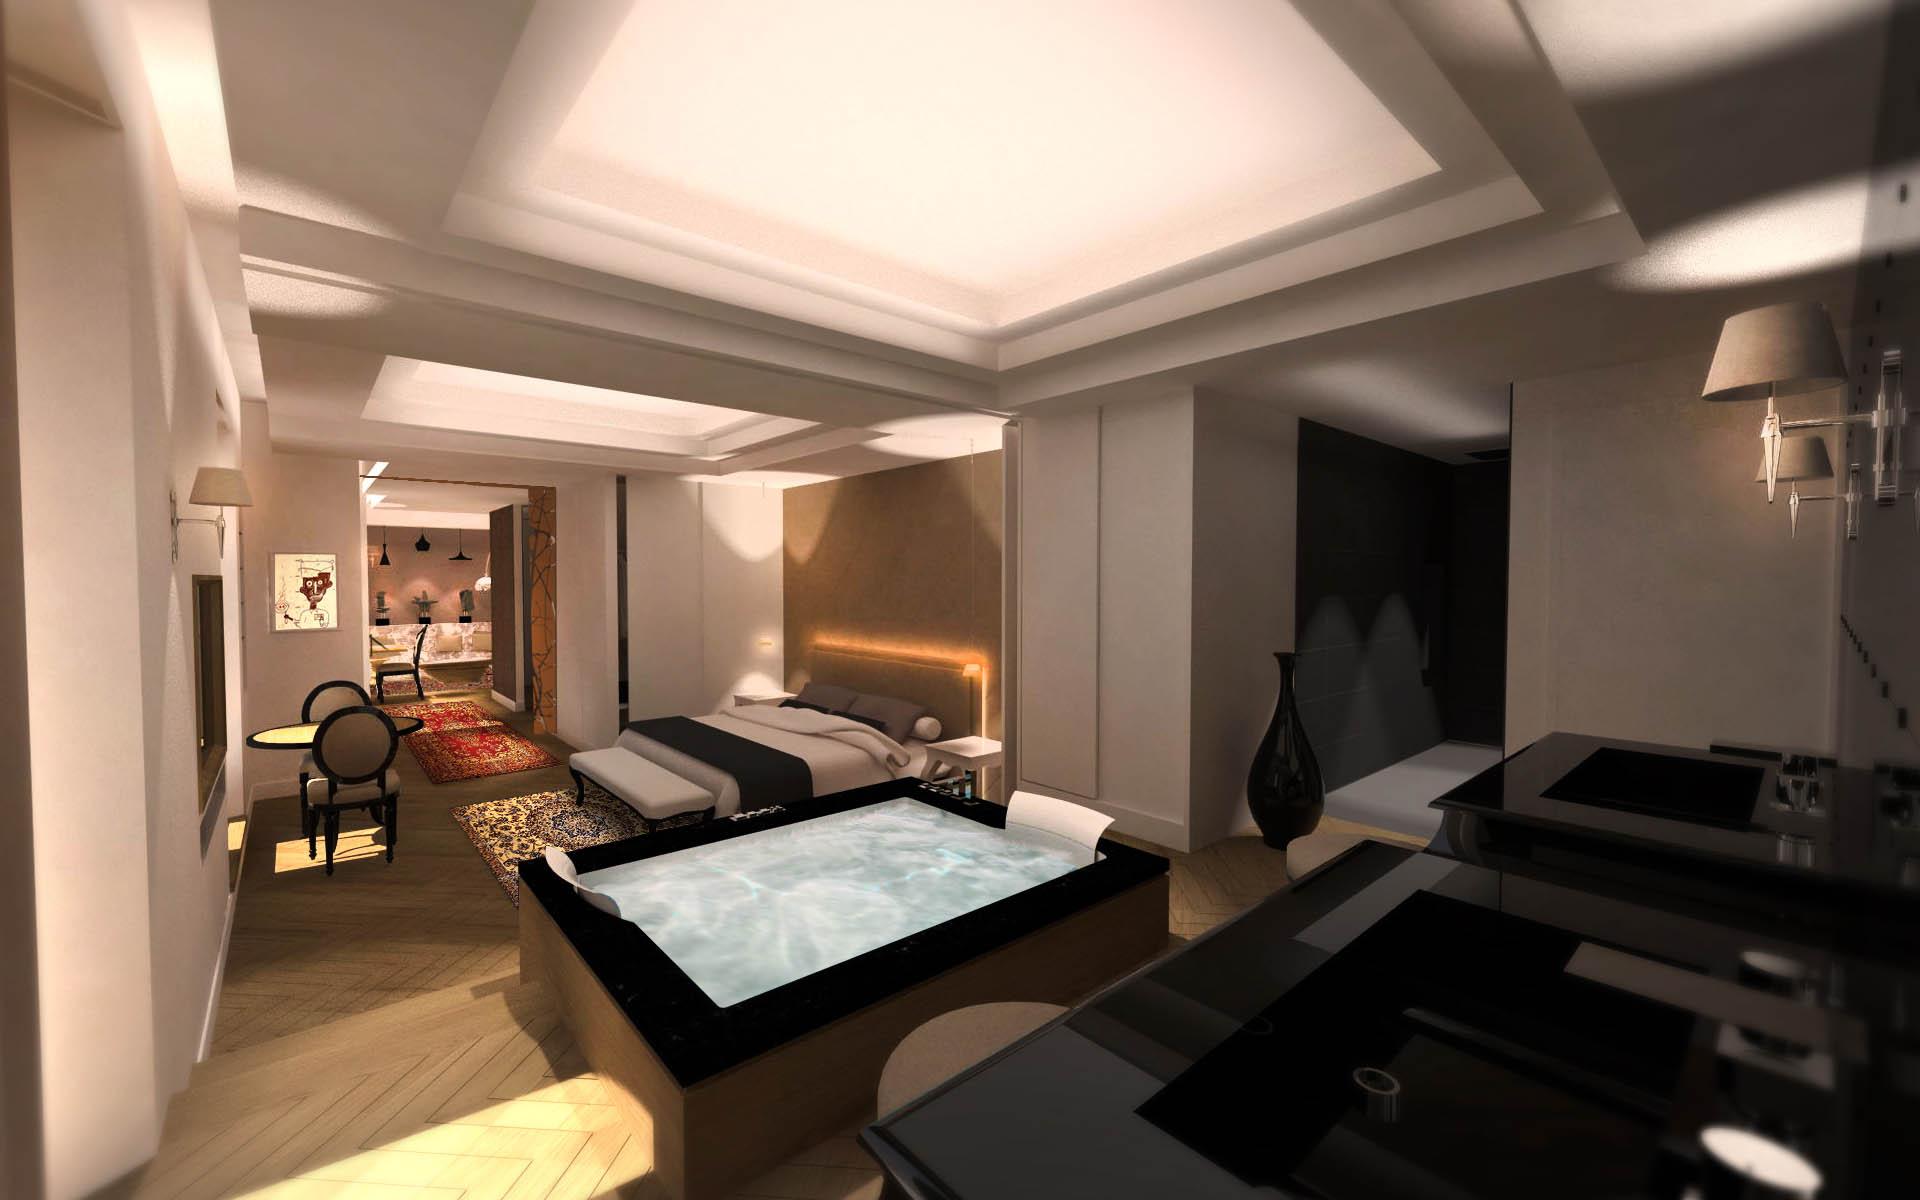 Architecte intérieur Hotel - Aix en provence 26